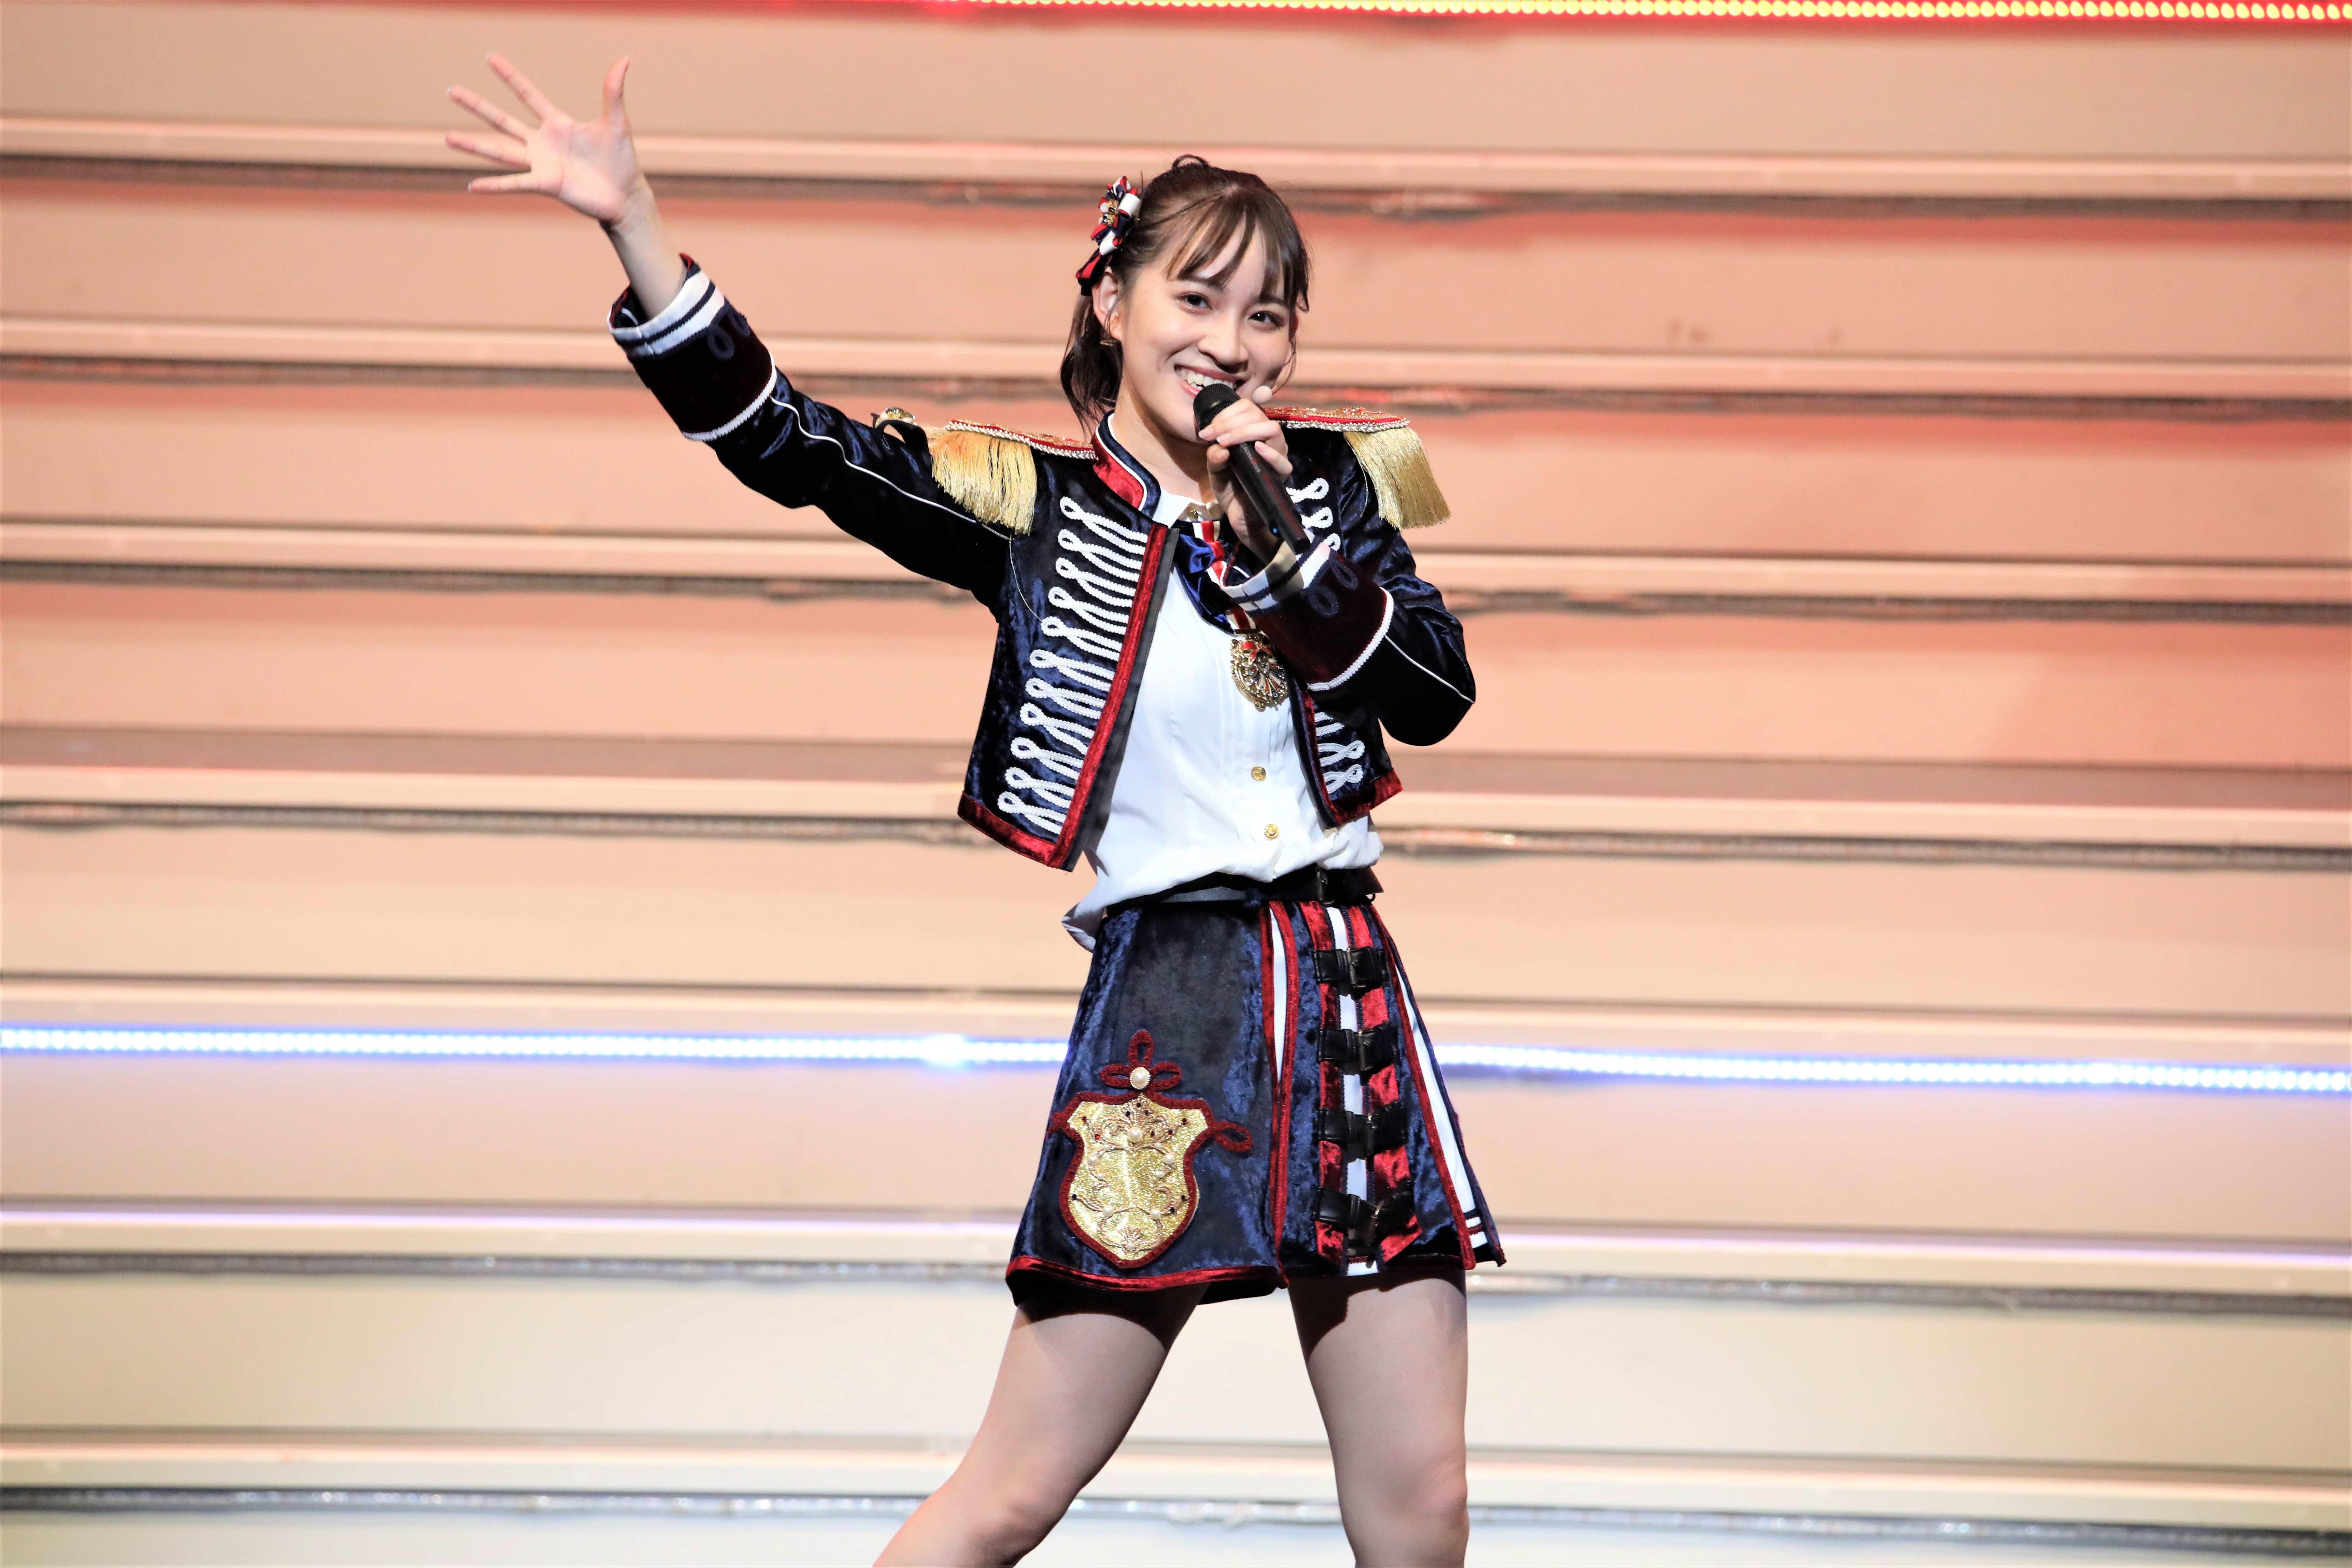 下口ひなな「タッチ」©AKB48 THE AUDISHOW製作委員会  無断アップロード及び転送は一切禁止です。